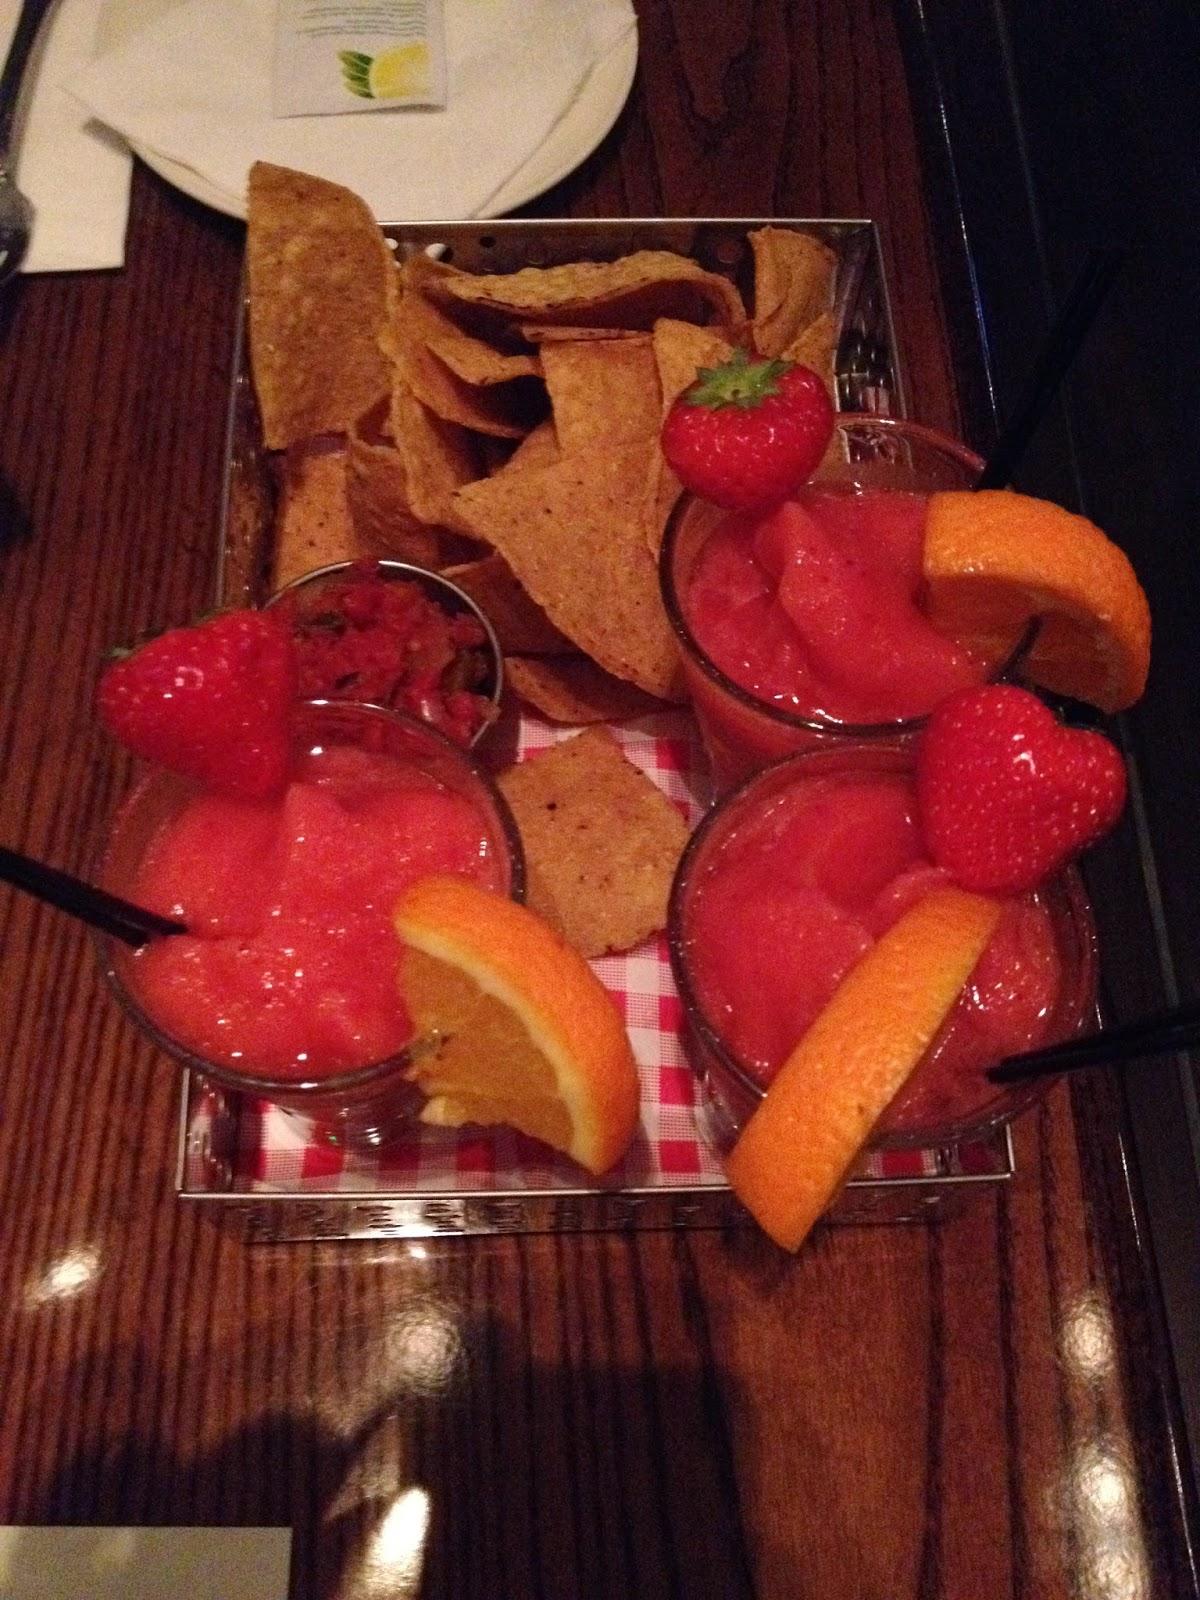 Aeromexico flight margarita chips salsa